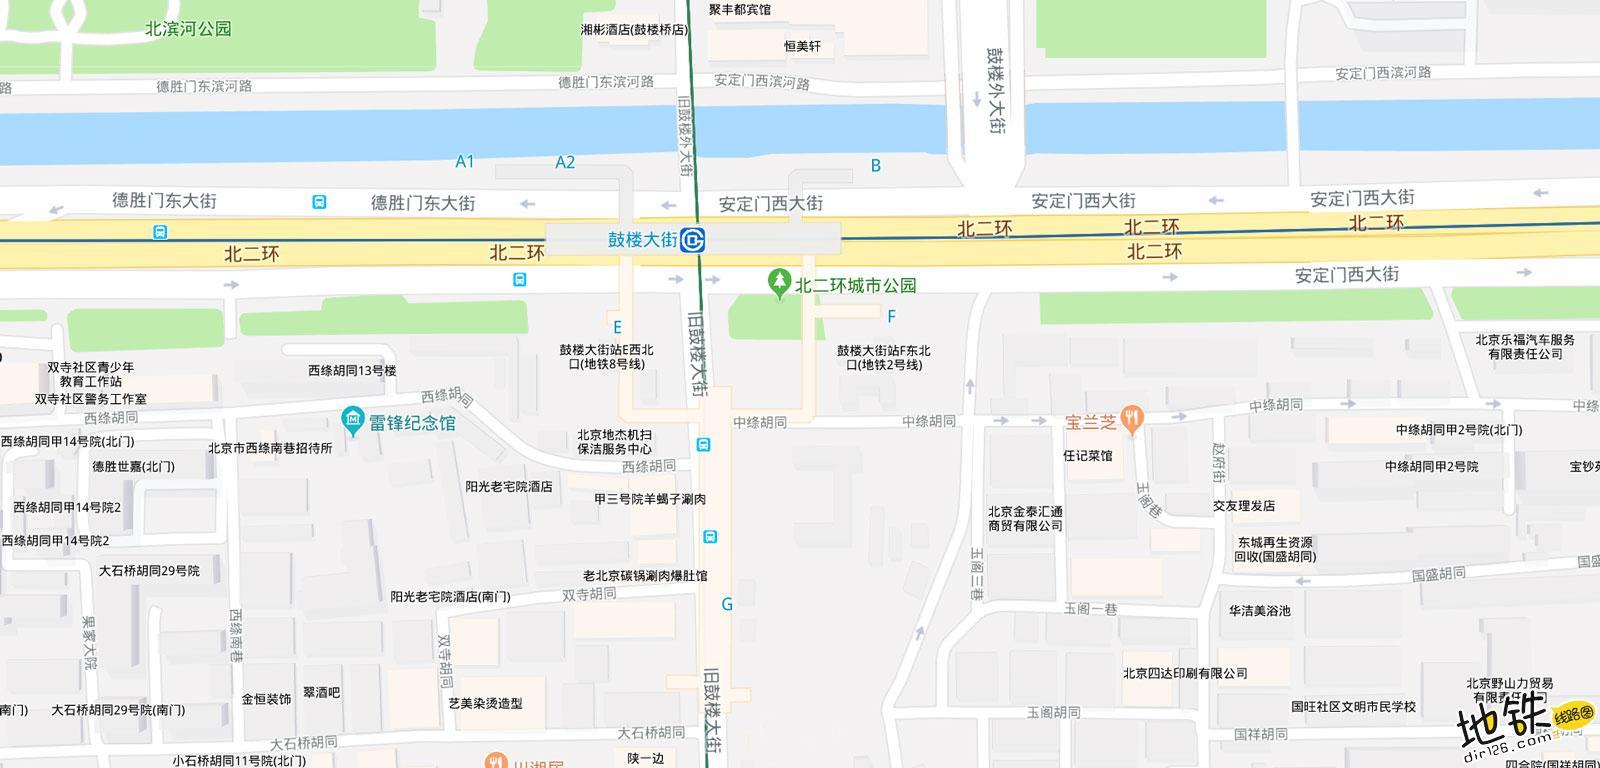 鼓楼大街地铁站 北京地铁鼓楼大街站出入口 地图信息查询  北京地铁站  第2张